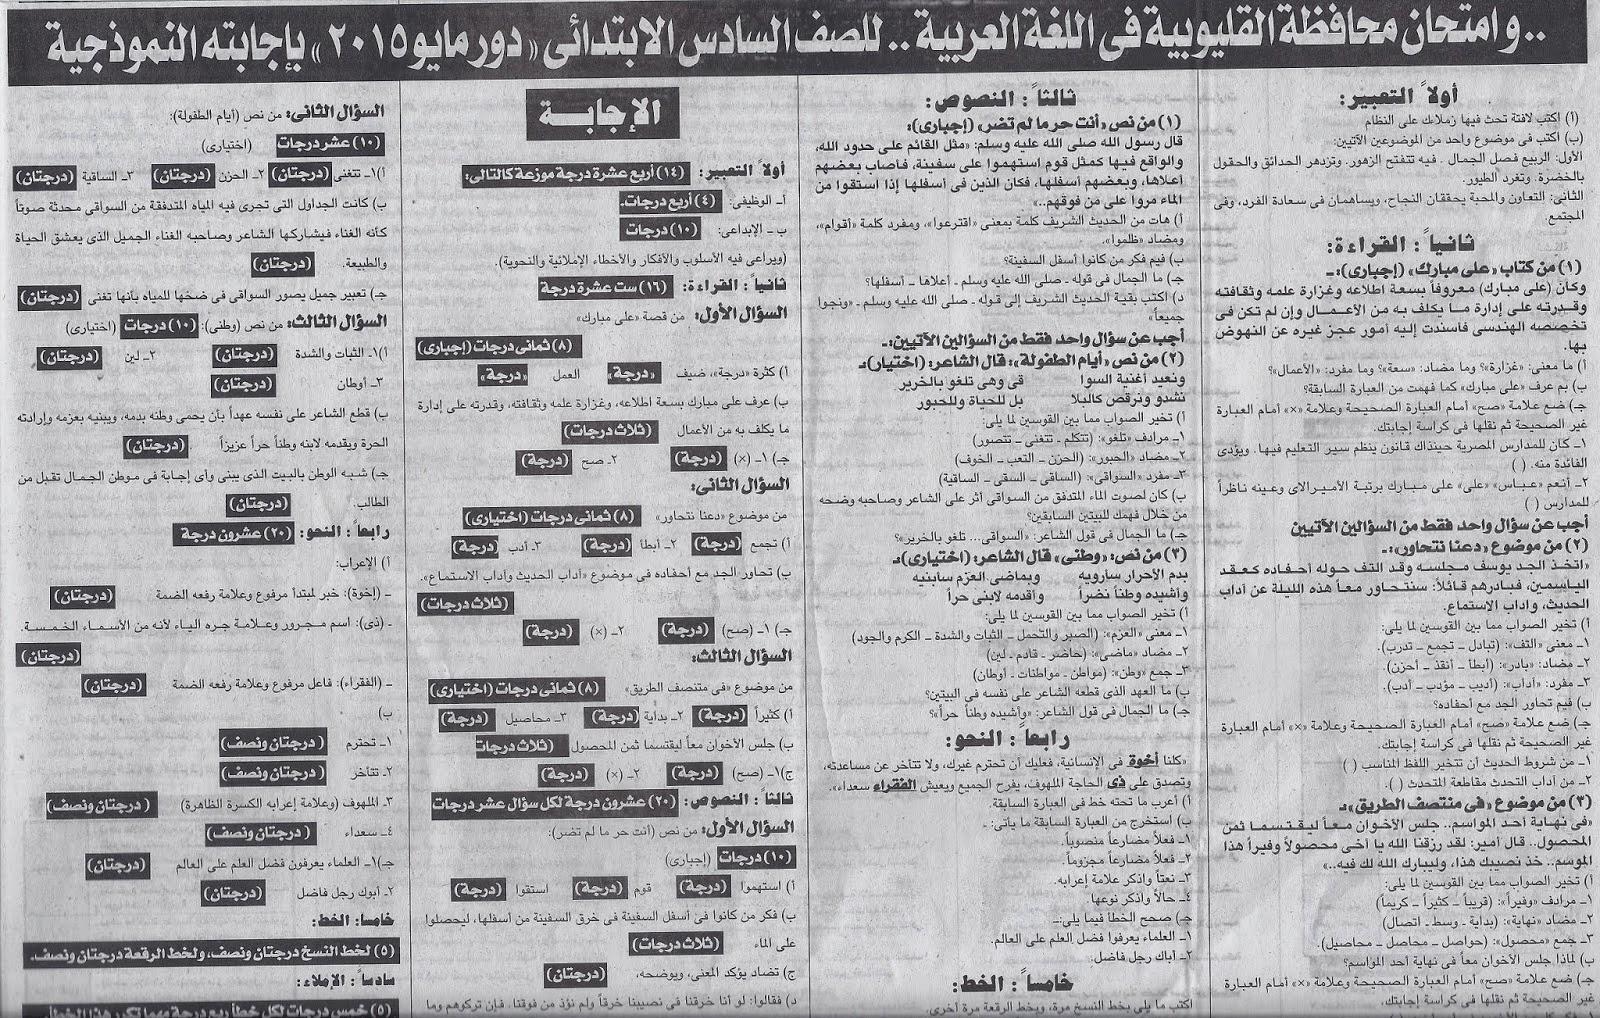 [لغة عربية] نشر اجابتة امتحان محافظة القليوبية للصف السادس اخر العام 2015 (ملحق الجمهورية) Www.modars1.com_z15